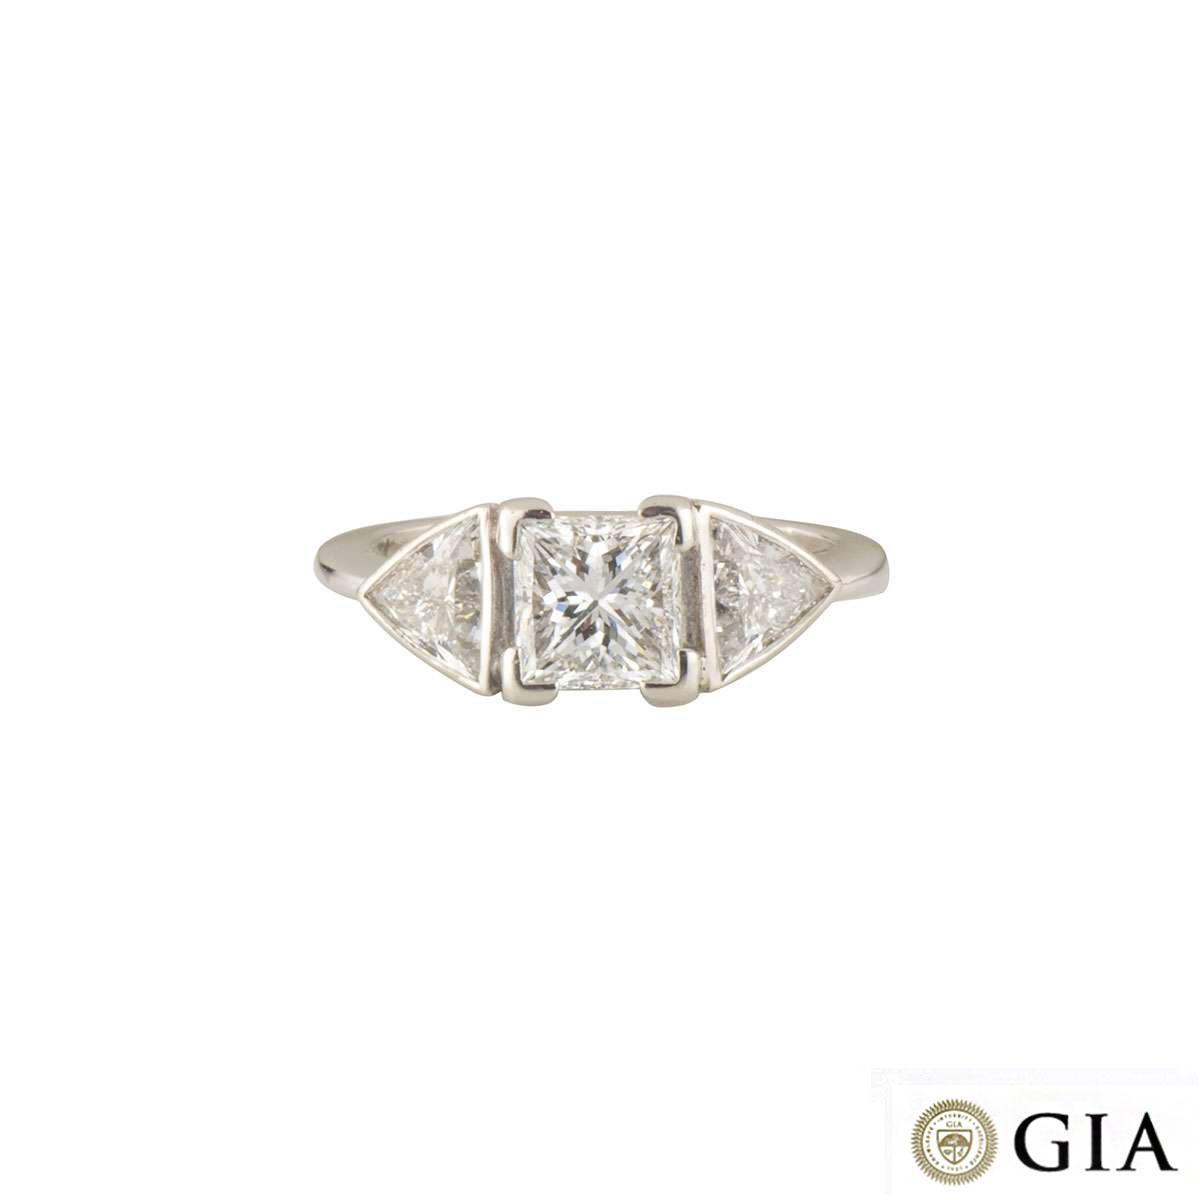 18k White Gold Princess Cut Diamond Ring 1.07ct D/VS2